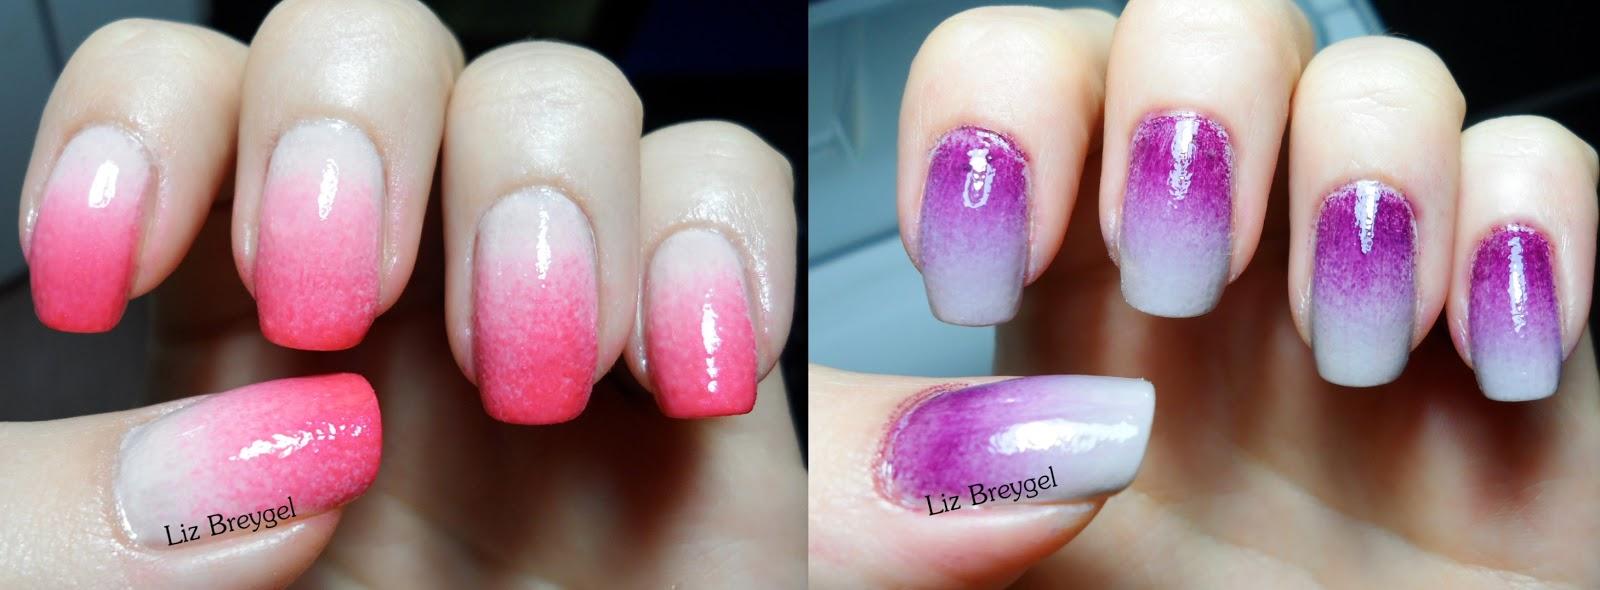 pink,purple,nail polish,manicure